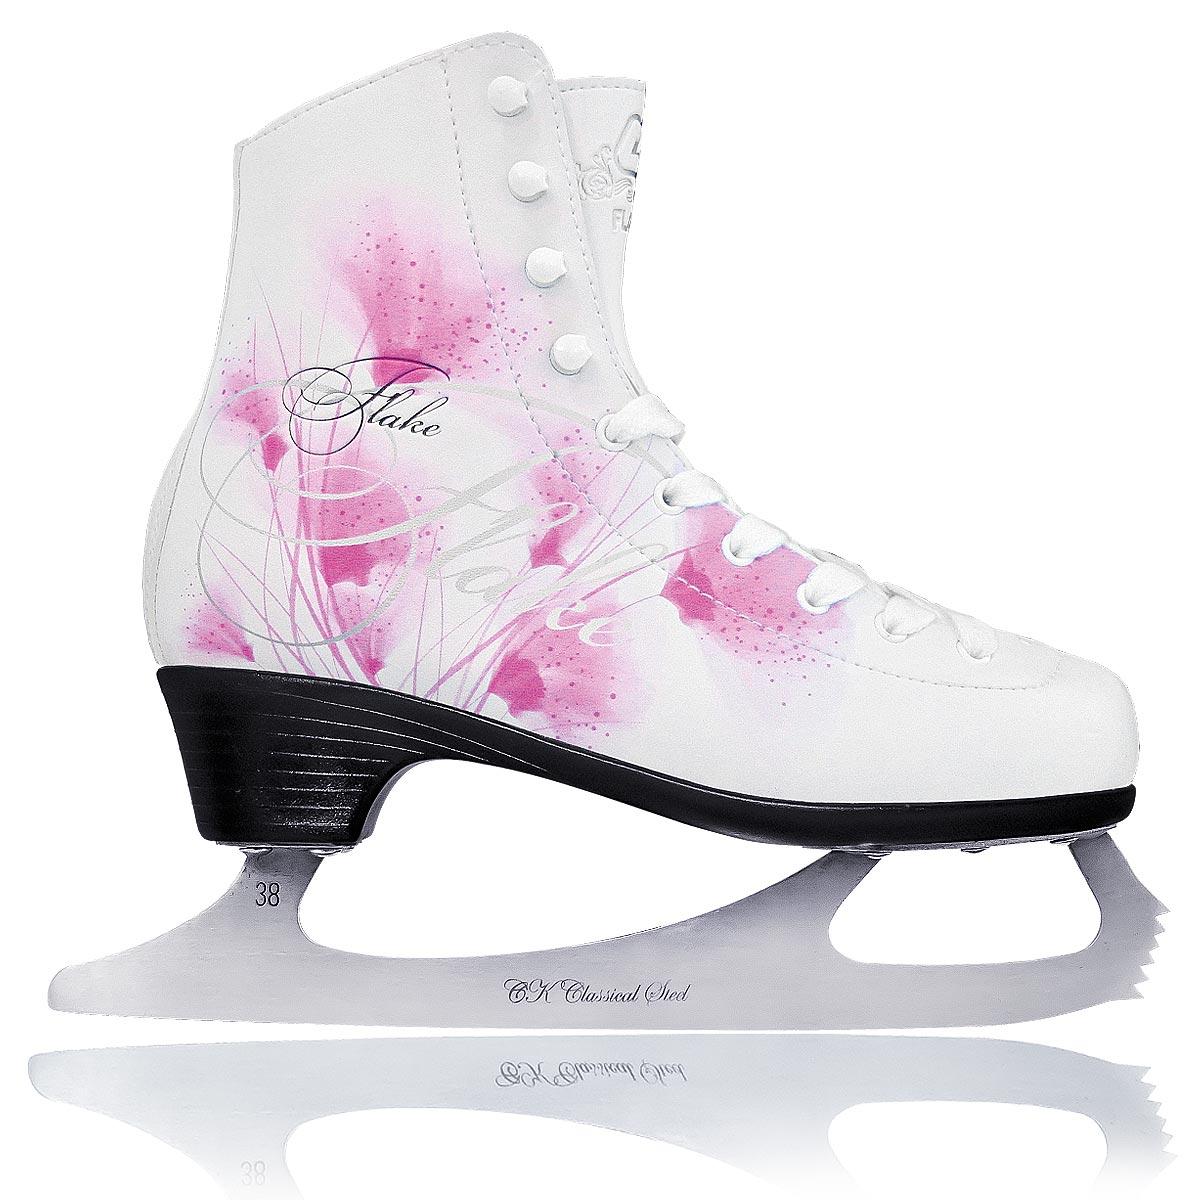 Коньки фигурные женские CK Flake Leather, цвет: белый, фуксия. Размер 40FLAKE leather_белый, фуксия_40Фигурные коньки от CK Flake Leather идеально подойдут для любительского катания. Модель выполнена из современной морозоустойчивой искусственной кожи с высокой, плотной колодкой и усиленным задником, обеспечивающим боковую поддержку ноги. Внутренняя поверхность из натуральной кожи обеспечивает удобство во время движения. Анатомический язычок из войлока и искусственной кожи идеально облегает стопу и повышает комфорт. Стелька из упругого пенного полимерного материала EVA предназначена для быстрой адаптации ботинка к индивидуальным формам ноги и ее комфортного положения. Ботинок полностью обволакивает ногу, обеспечивает прочную и удобную фиксацию ноги, а также повышенную защиту от ударов. Модель фиксируется на ноге классической шнуровкой. Лезвие выполнено из нержавеющей стали, оно обладает высокой твердостью и долго держит заточку. Модель имеет запатентованную форму лезвия. Уменьшенная передняя пластина и расположение точек опоры стоек оптимально располагают переднюю точку баланса и позволяют улучшить контроль при опоре на переднюю часть конька. Новая запатентованная подошва Graceful обладает элегантным дизайном, повышенной твердостью и пониженным весом. Более высокий каблук делает ногу более изящной и стройной, а также повышает управляемость и маневренность конька.